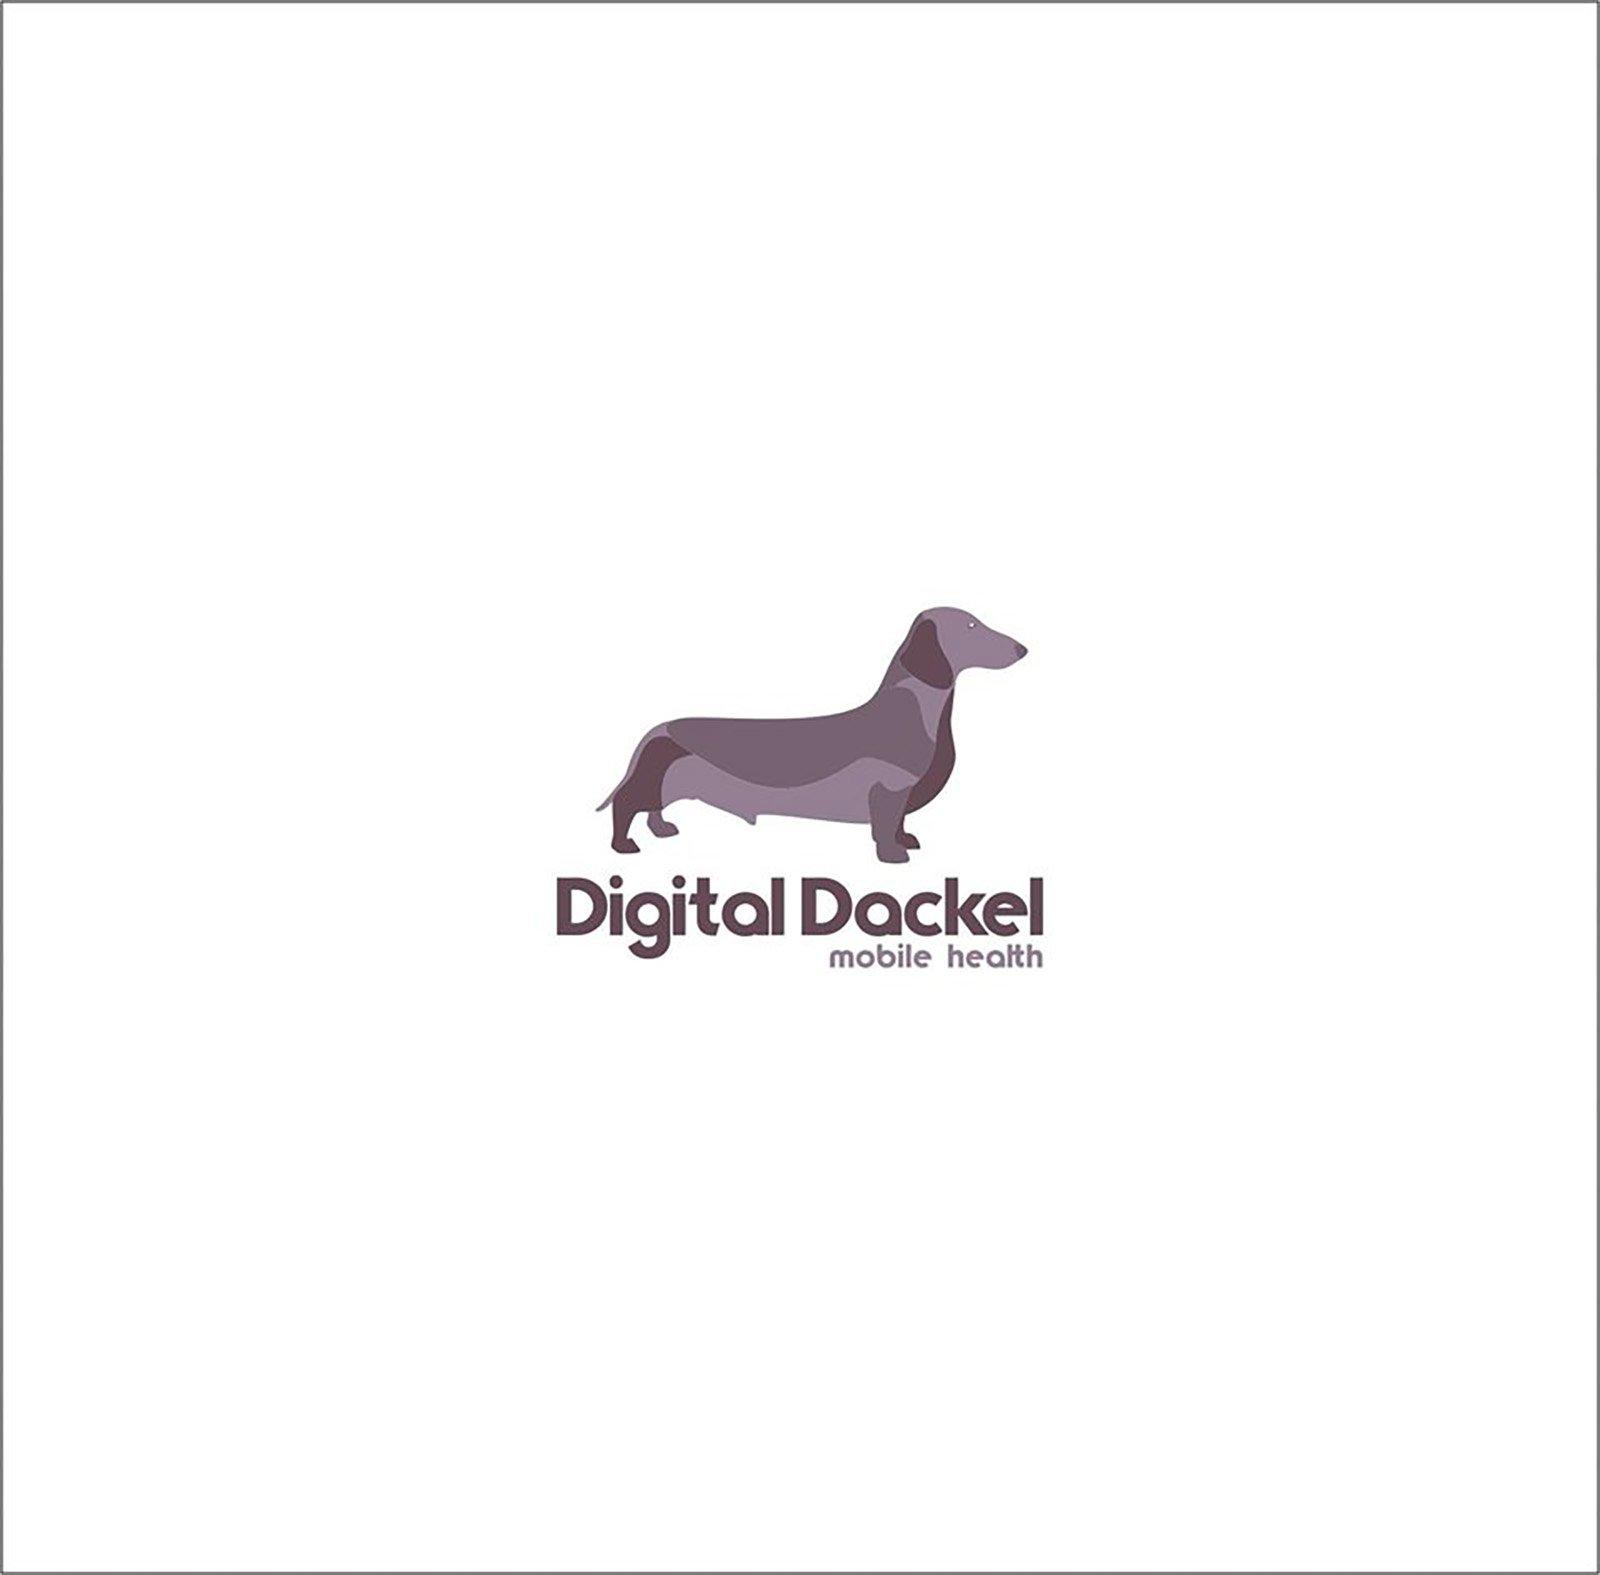 digital dackel 2